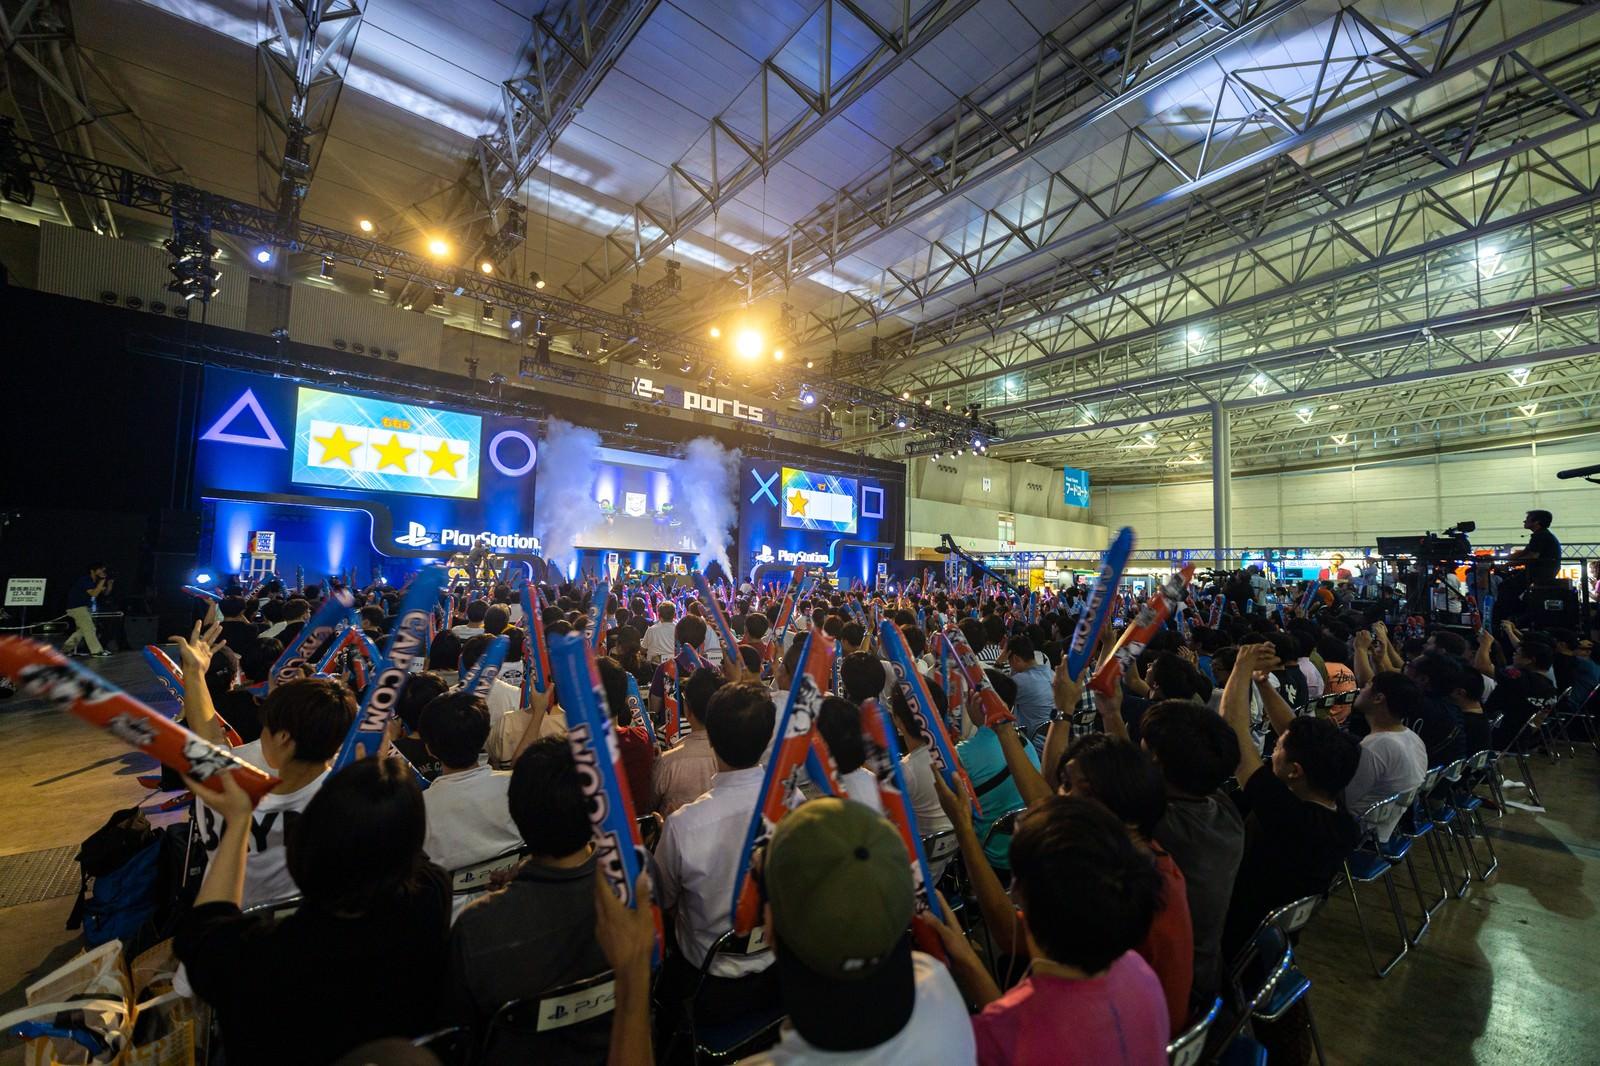 「決勝大会で歓声を上げる観客 - CAPCOM Pro Tour 2019 アジアプレミア」の写真